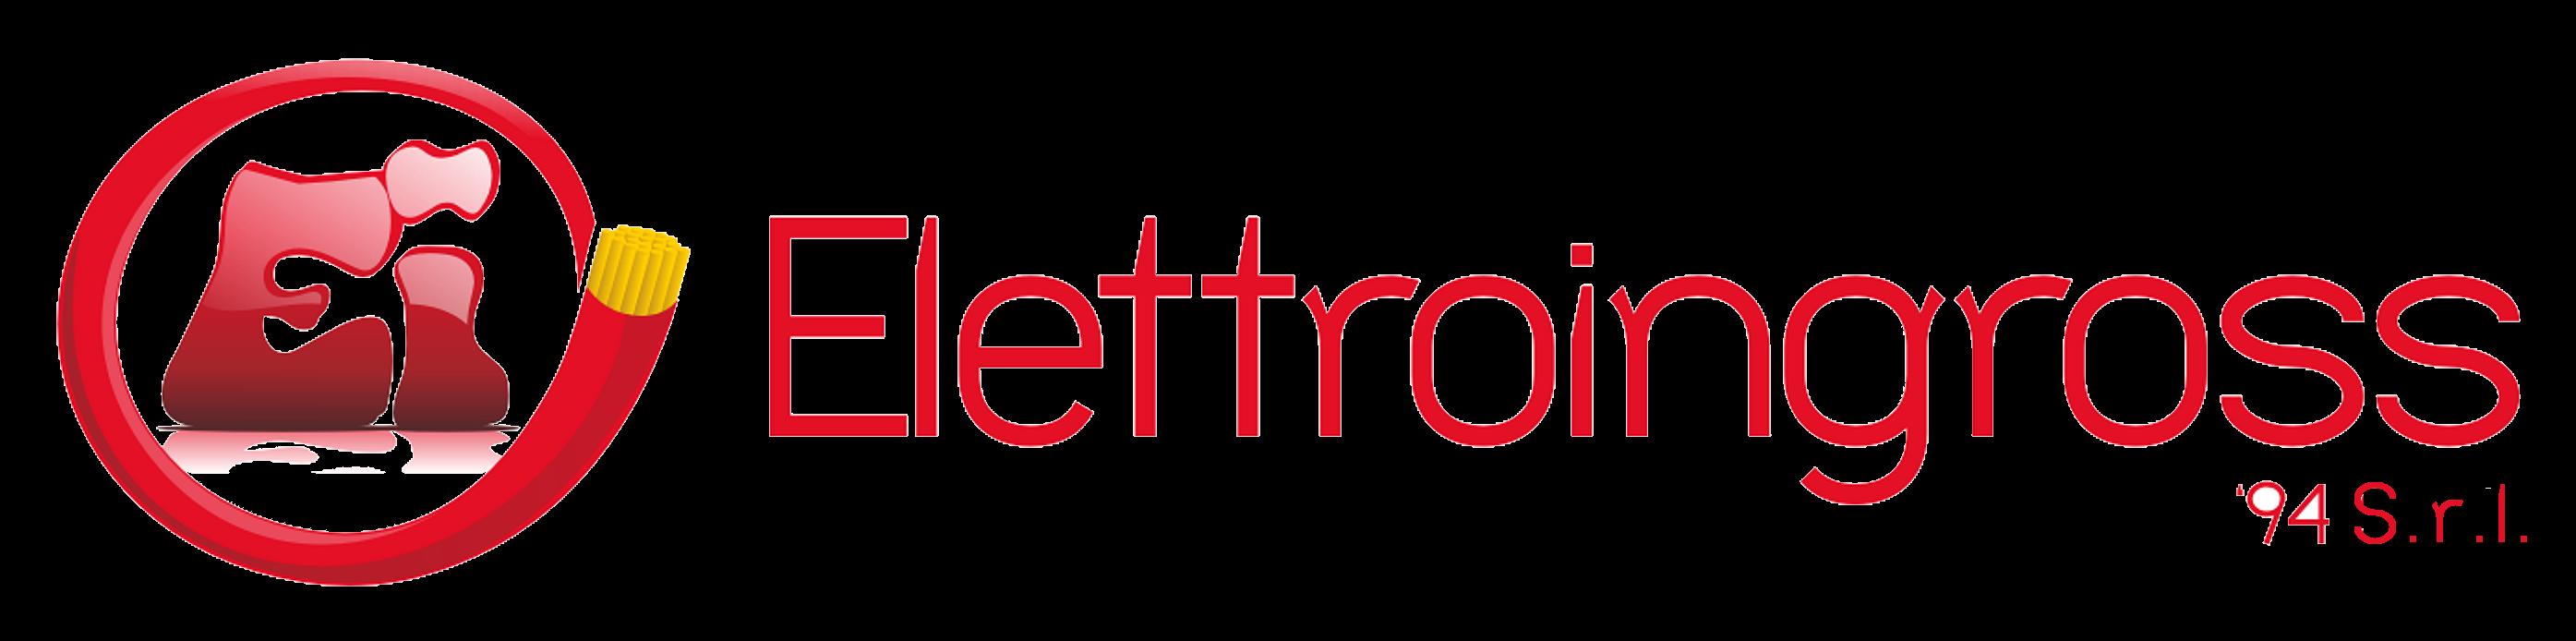 Elettroingross Logo